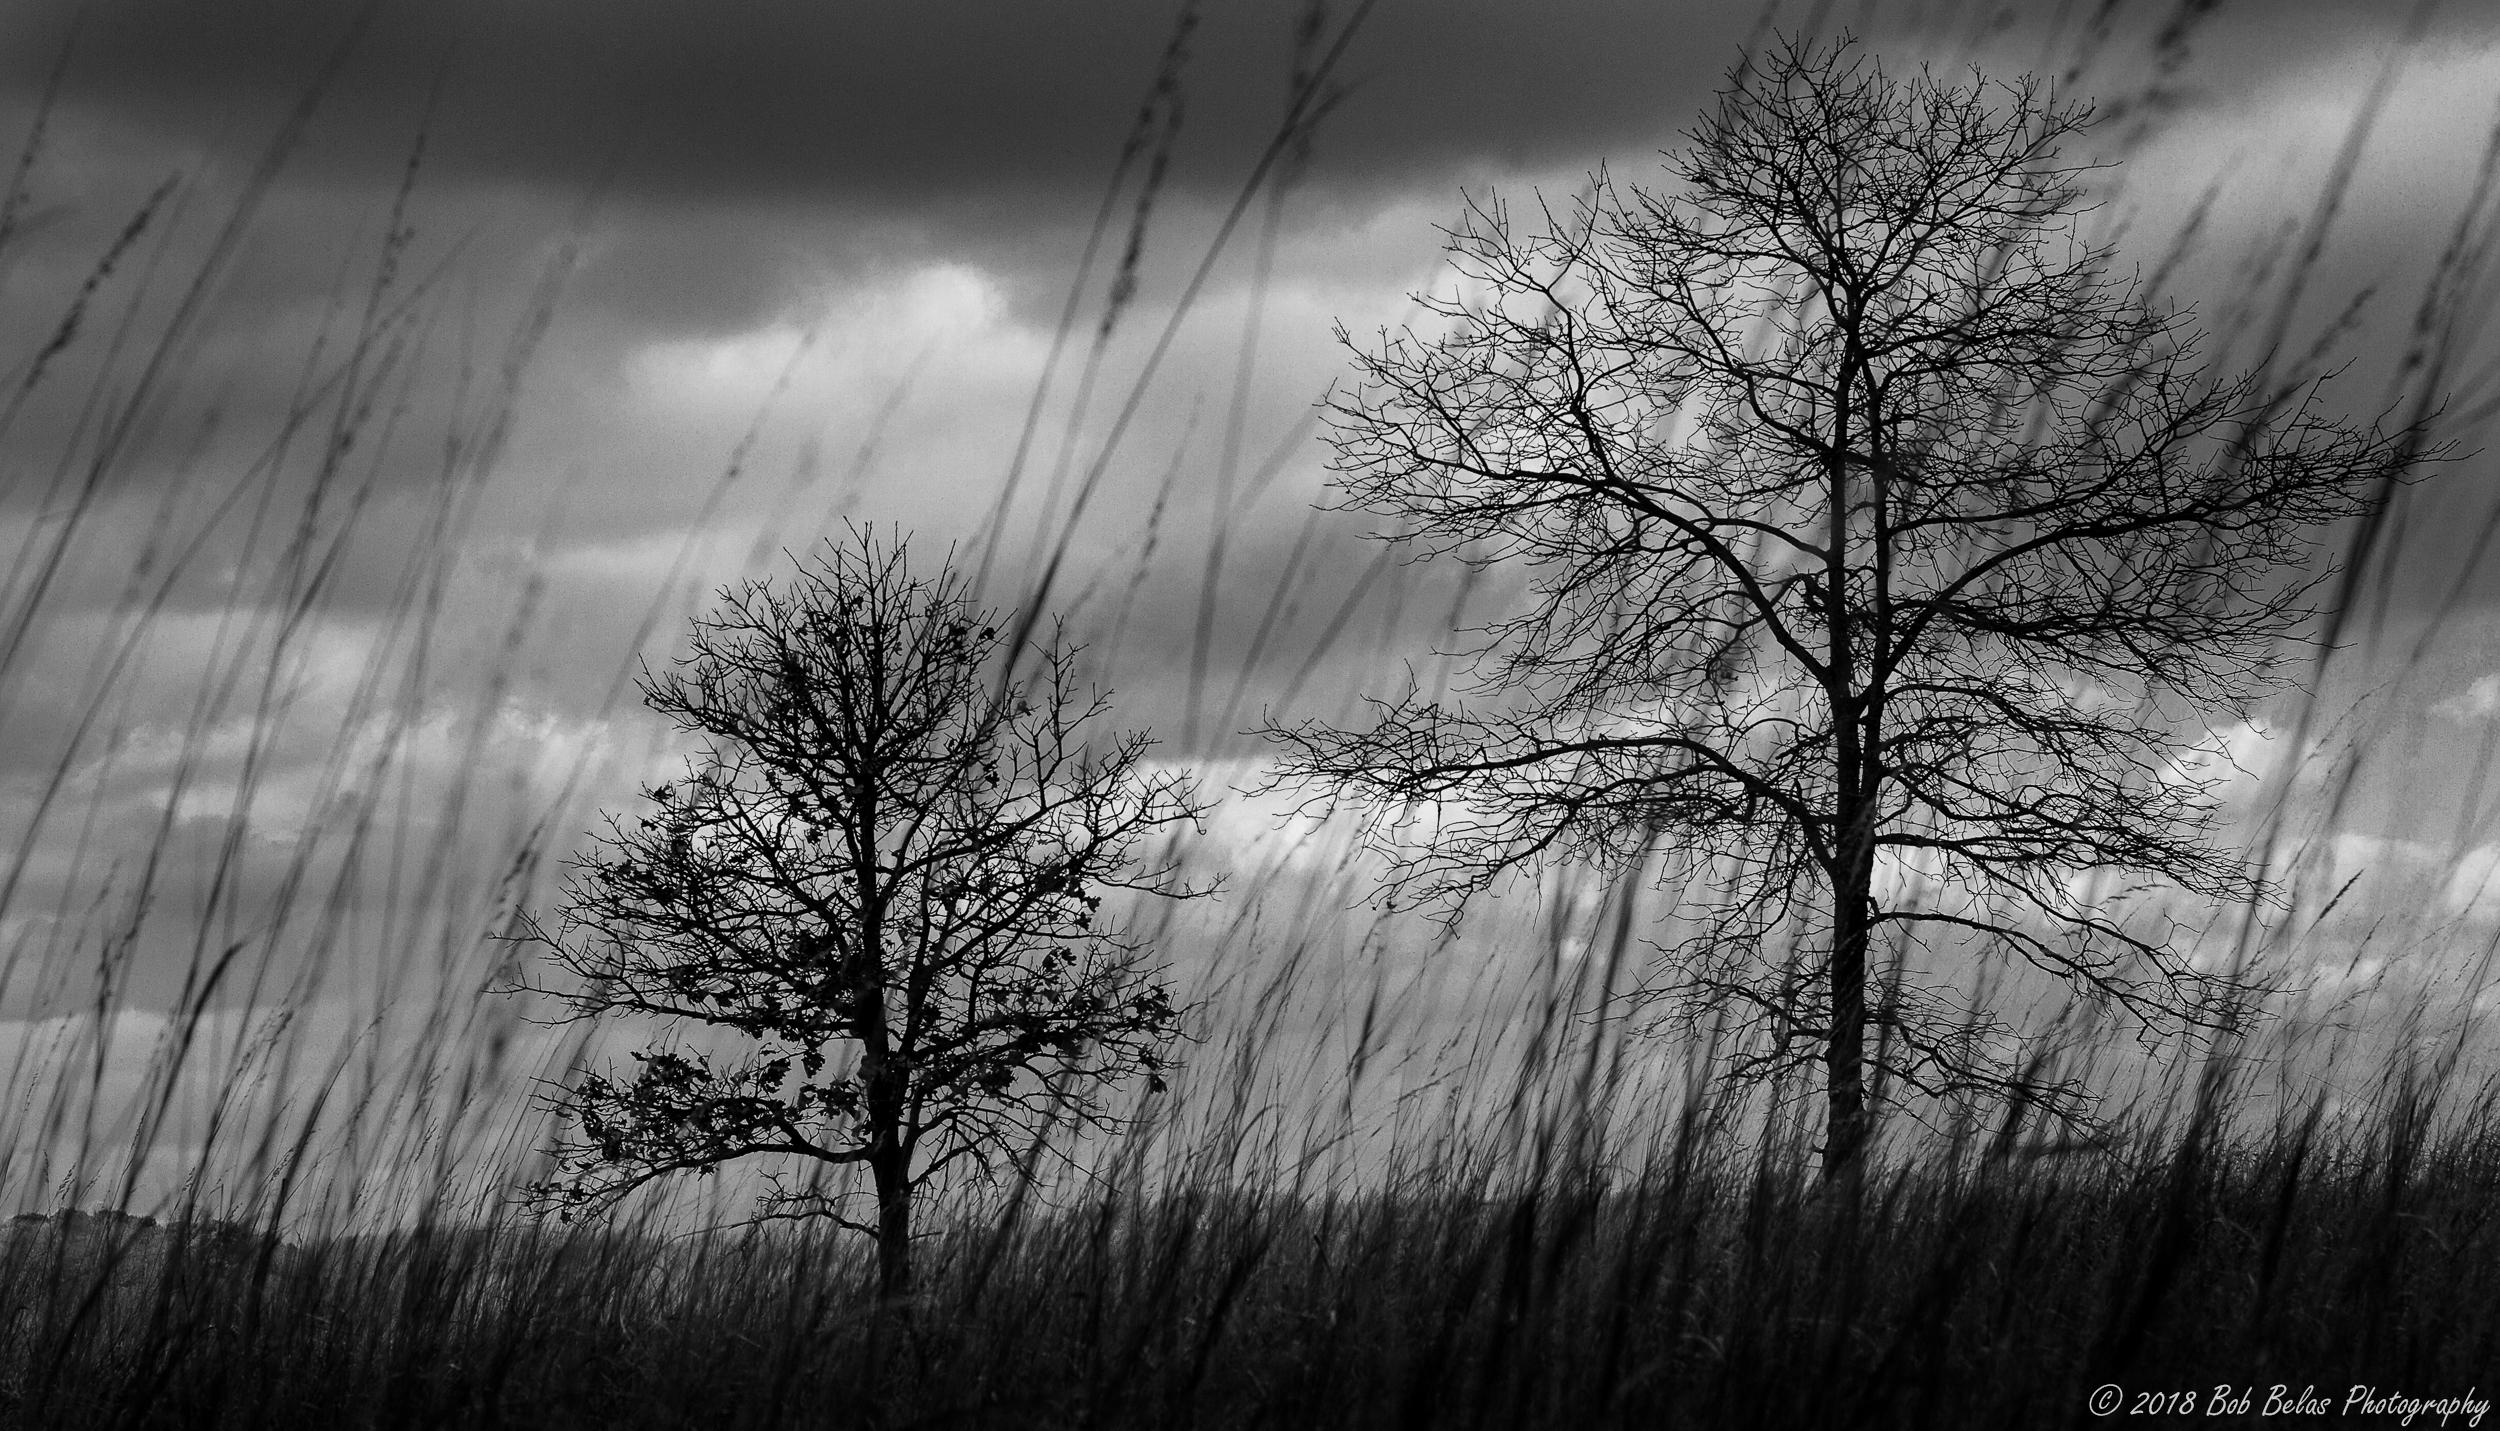 Serpentine Grassland 2, b/w